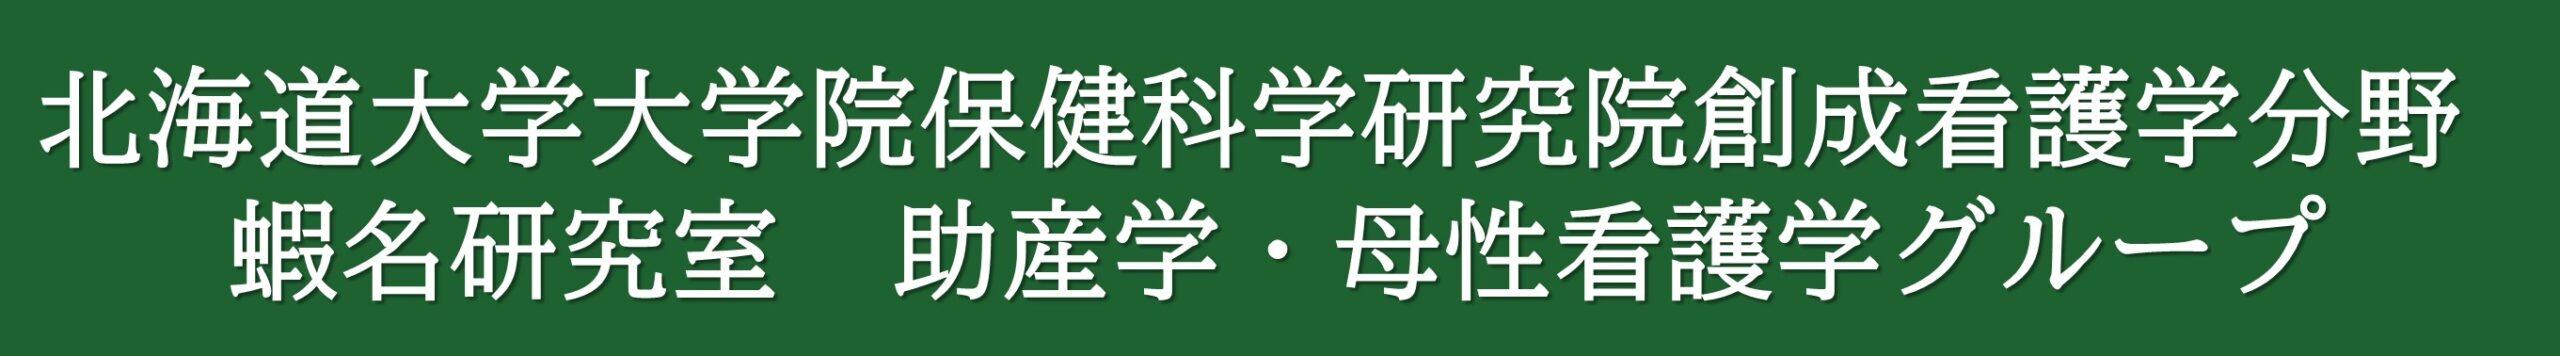 北海道大学大学院 保健科学研究院 蝦名研究室